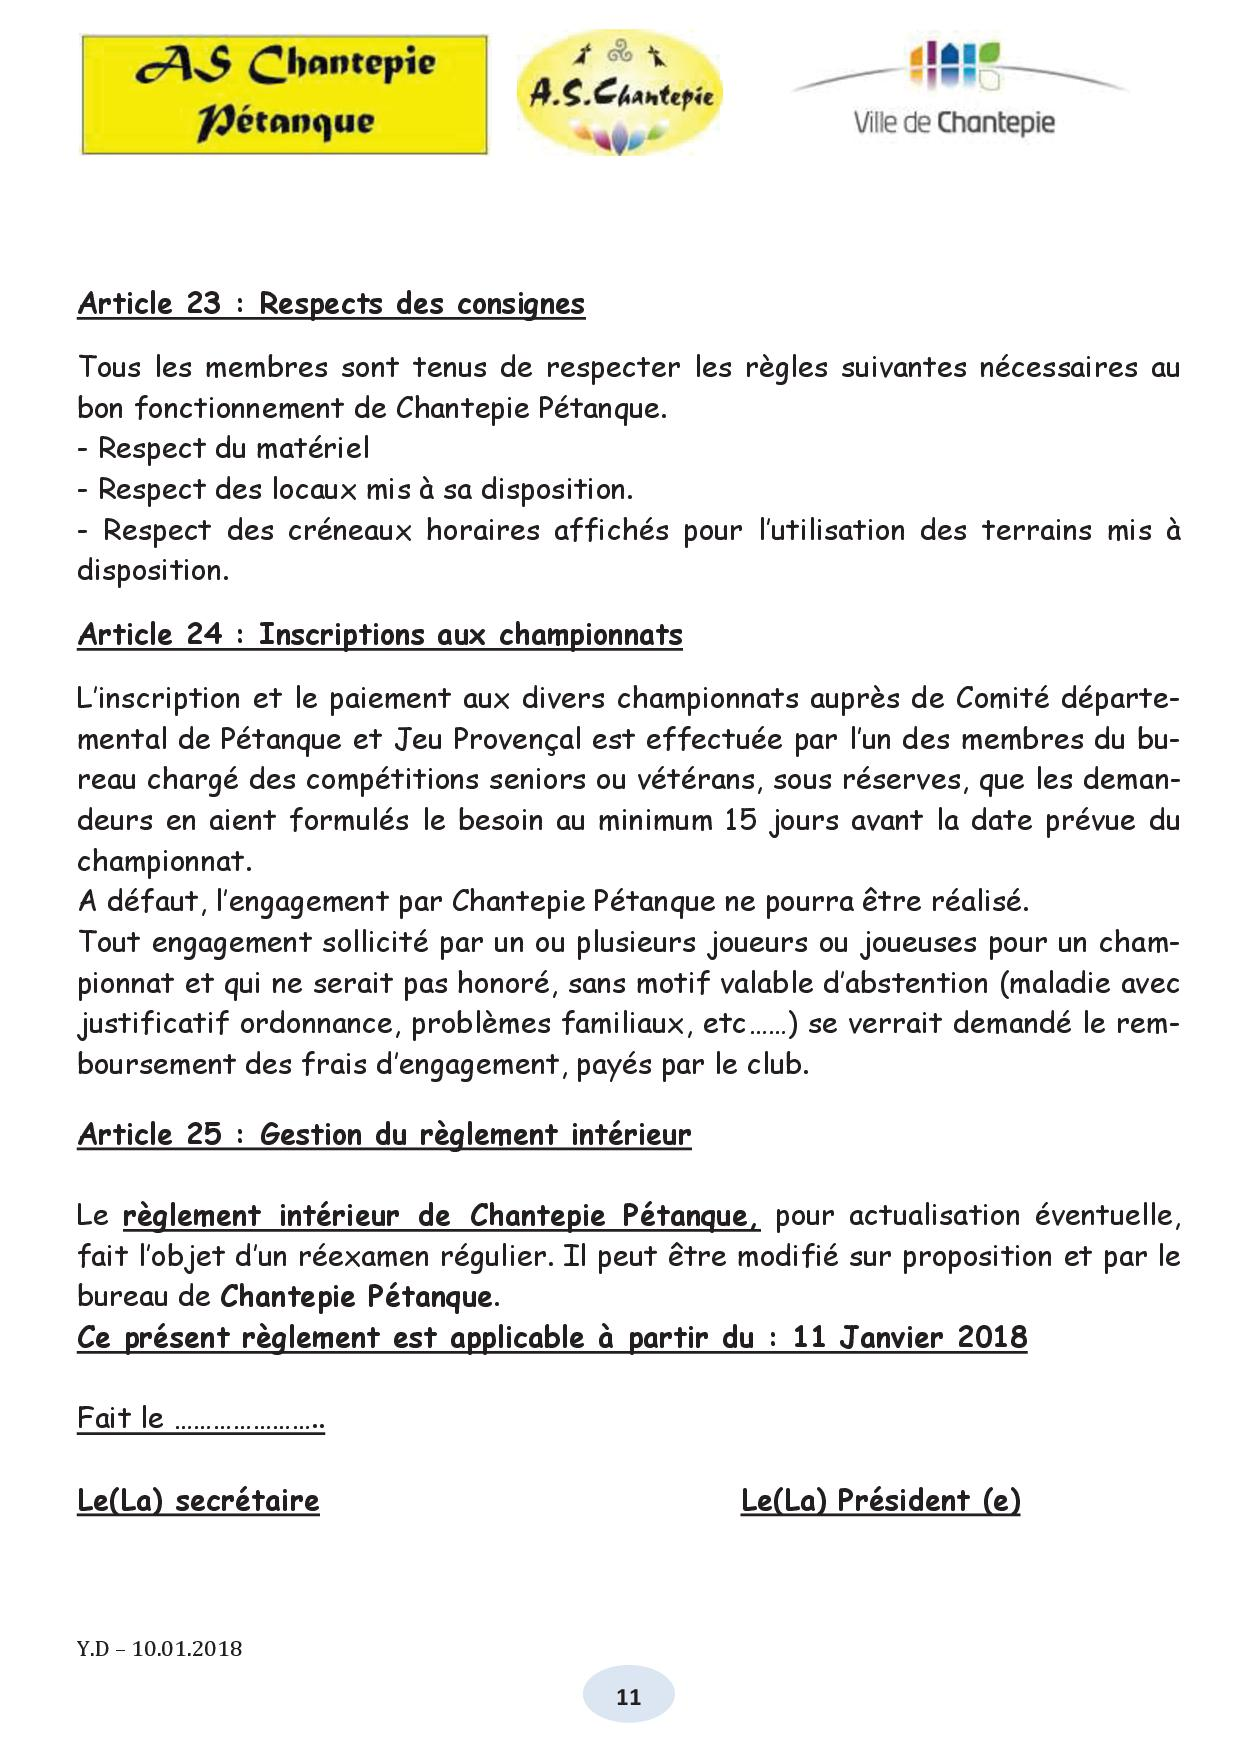 REGLEMENT CHANTEPIE PÉTANQUE  V10.01.2018 ( modif réunion 10.01.18)11.jpg